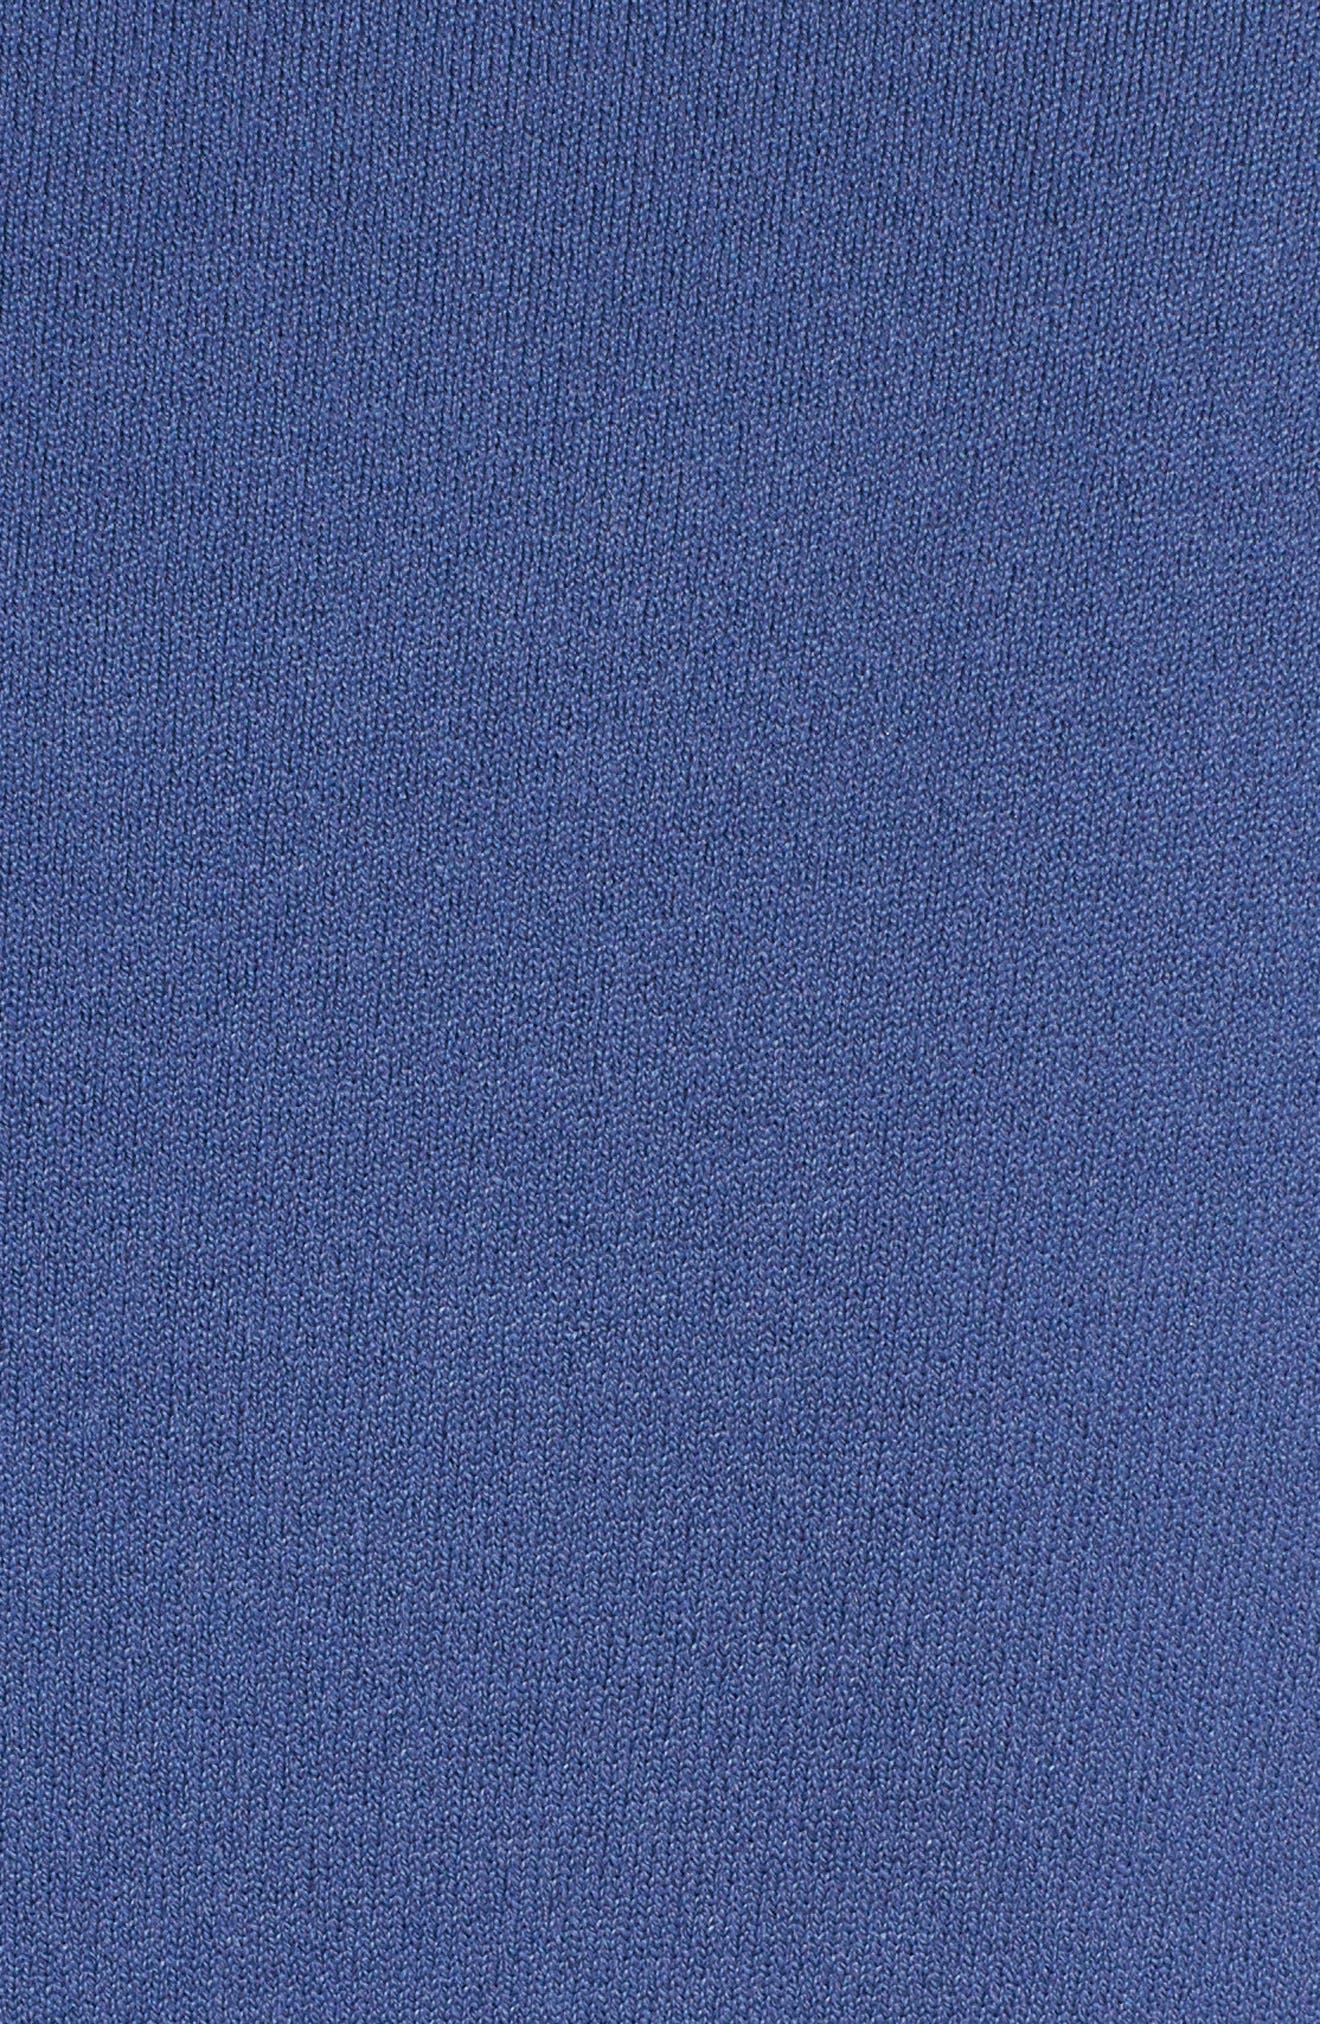 Knit Drop Waist Dress with Genuine Mink Fur Trim,                             Alternate thumbnail 5, color,                             BLUE